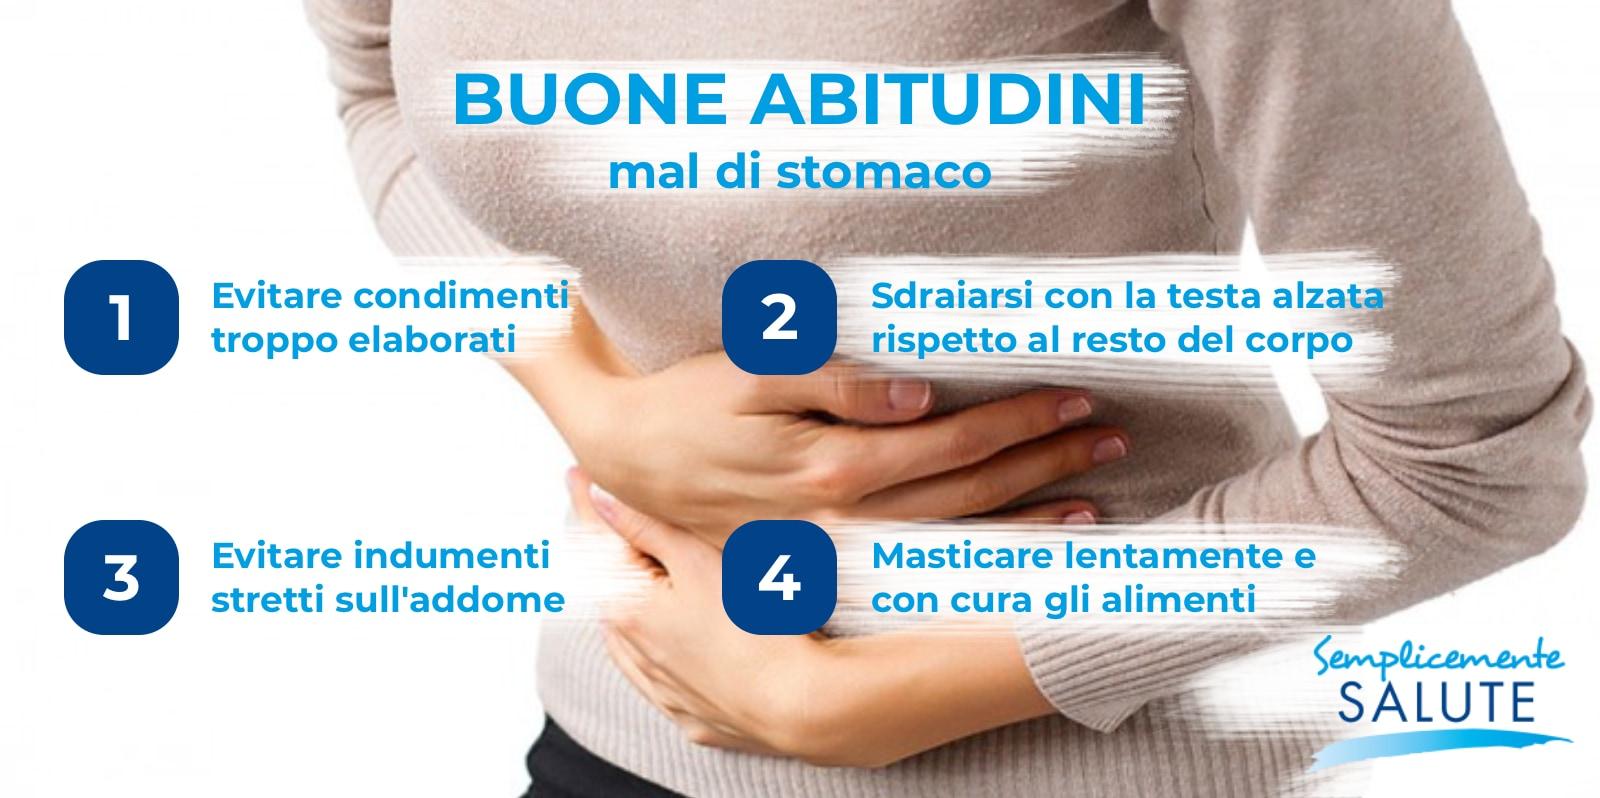 Mal di stomaco - Semplicemente Salute